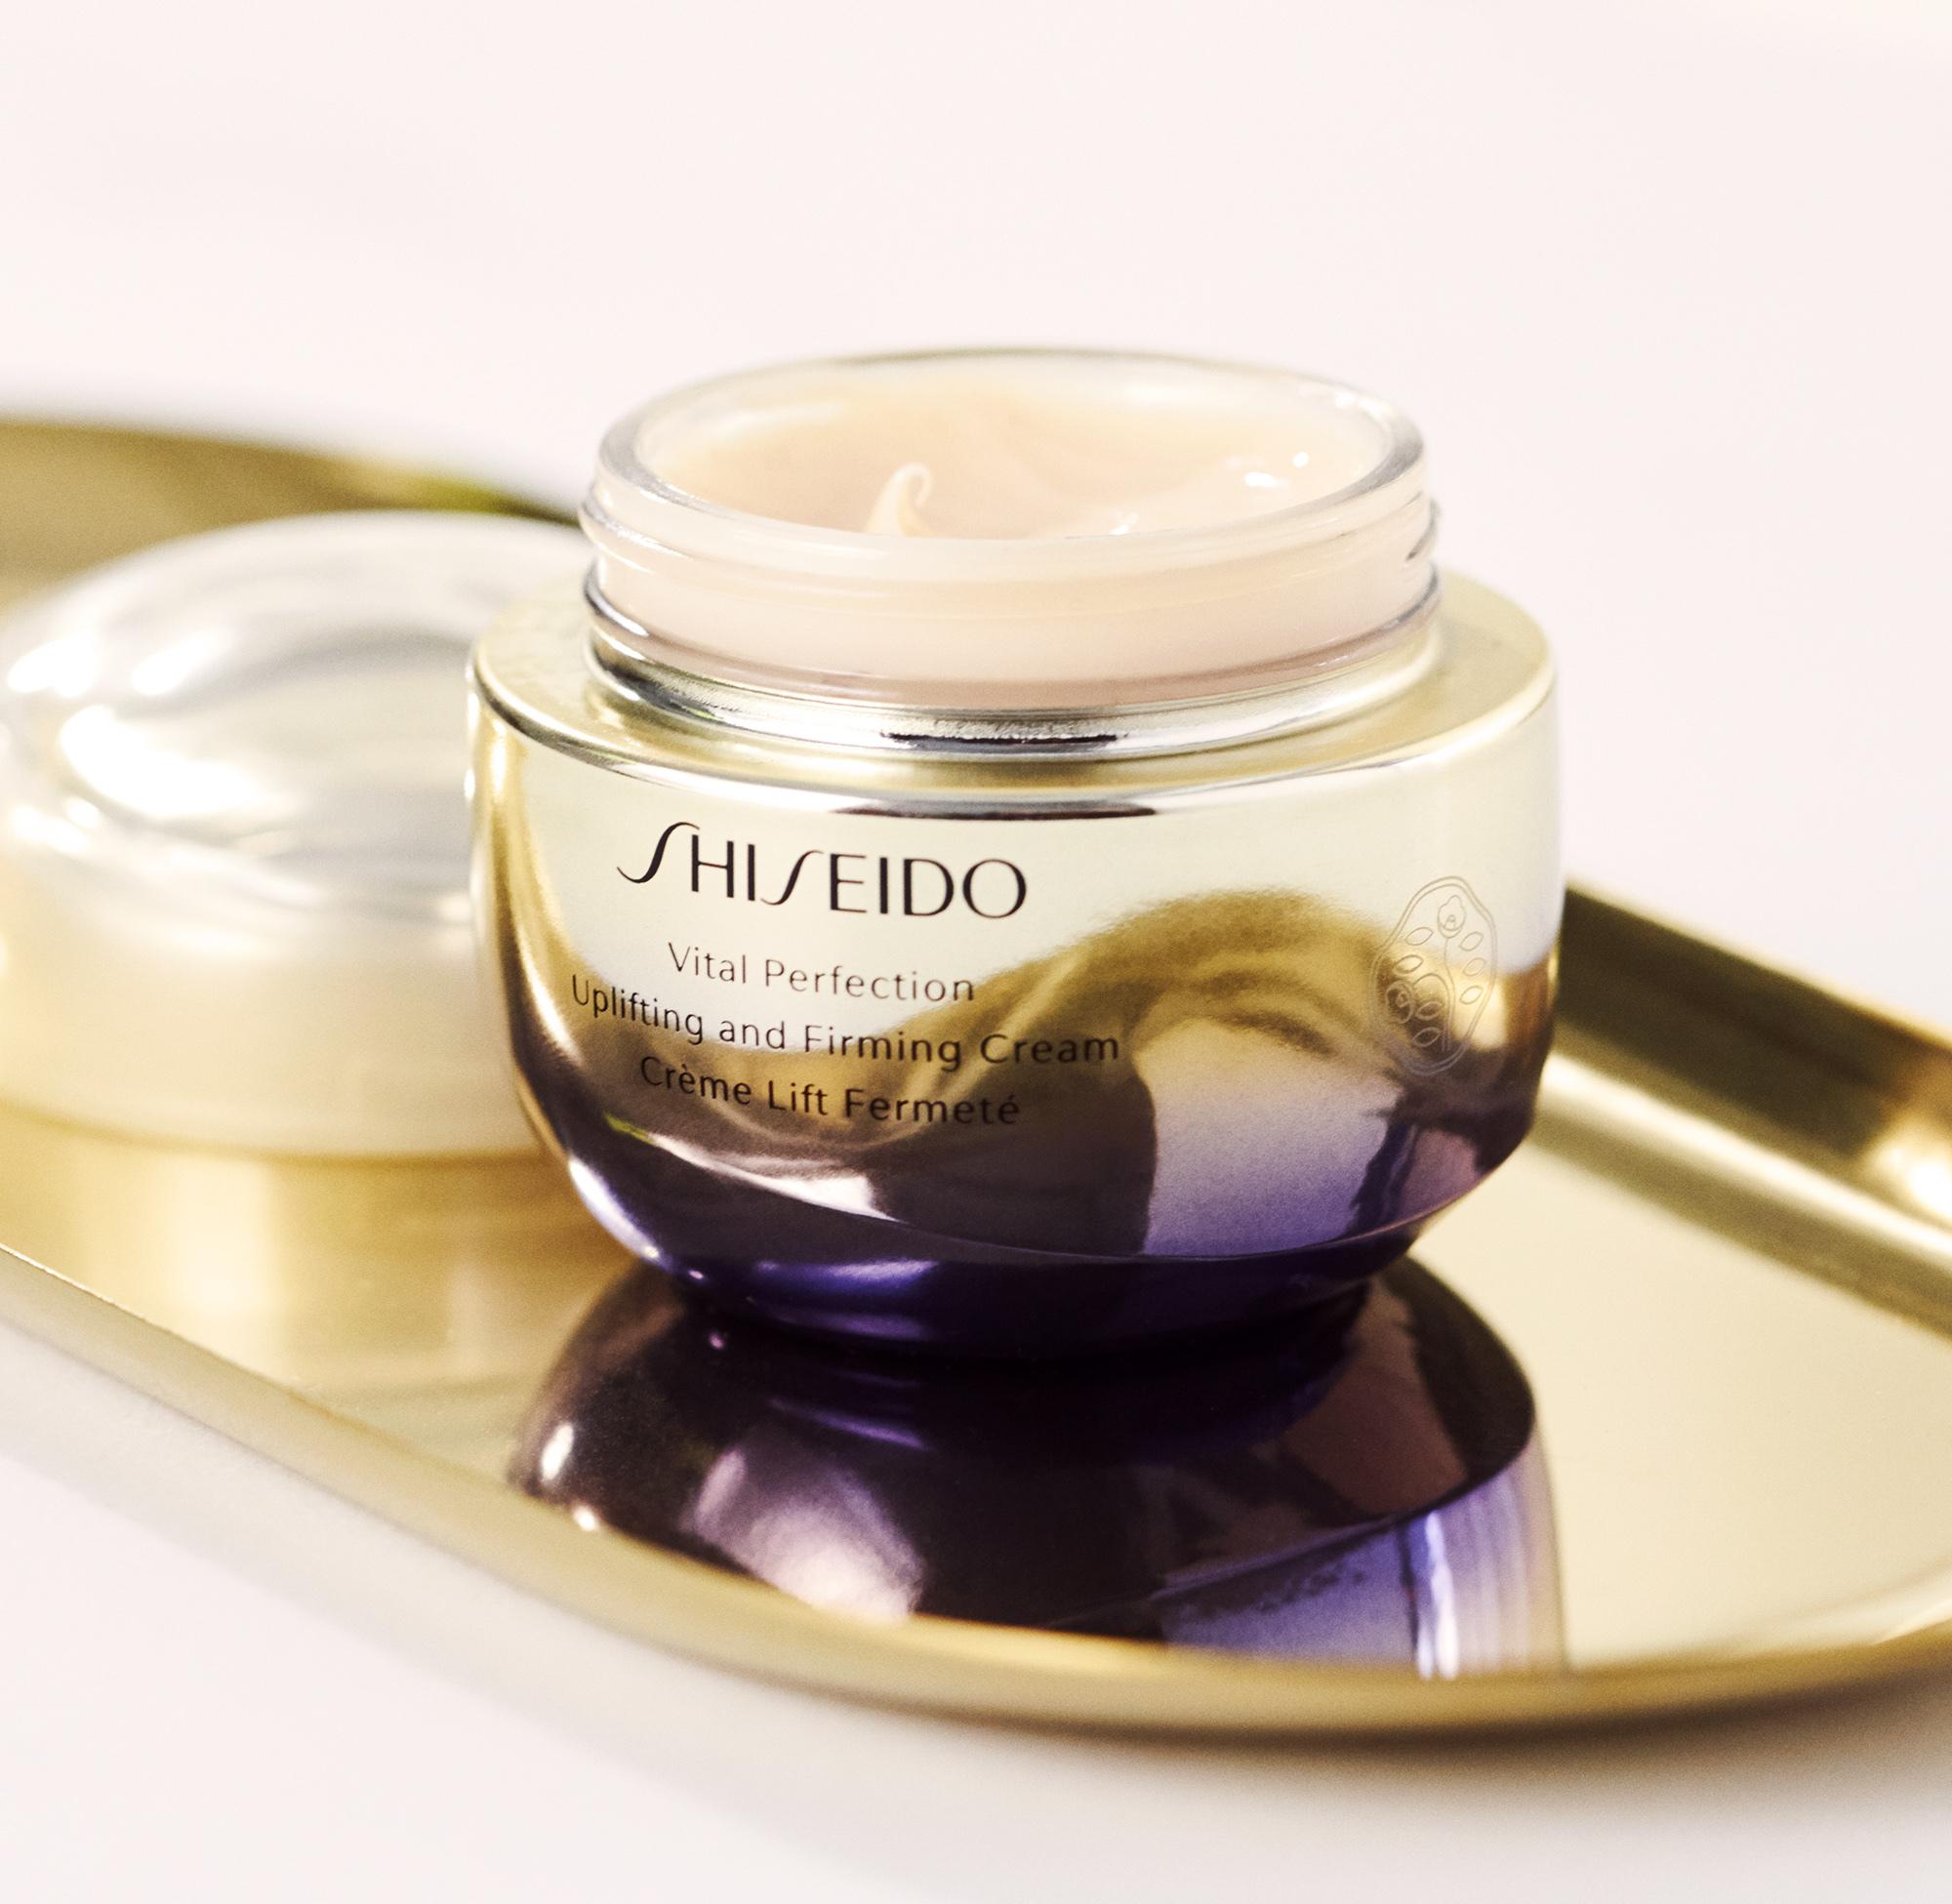 La textura de Vital Perfection Uplifting and Firming Cream es...